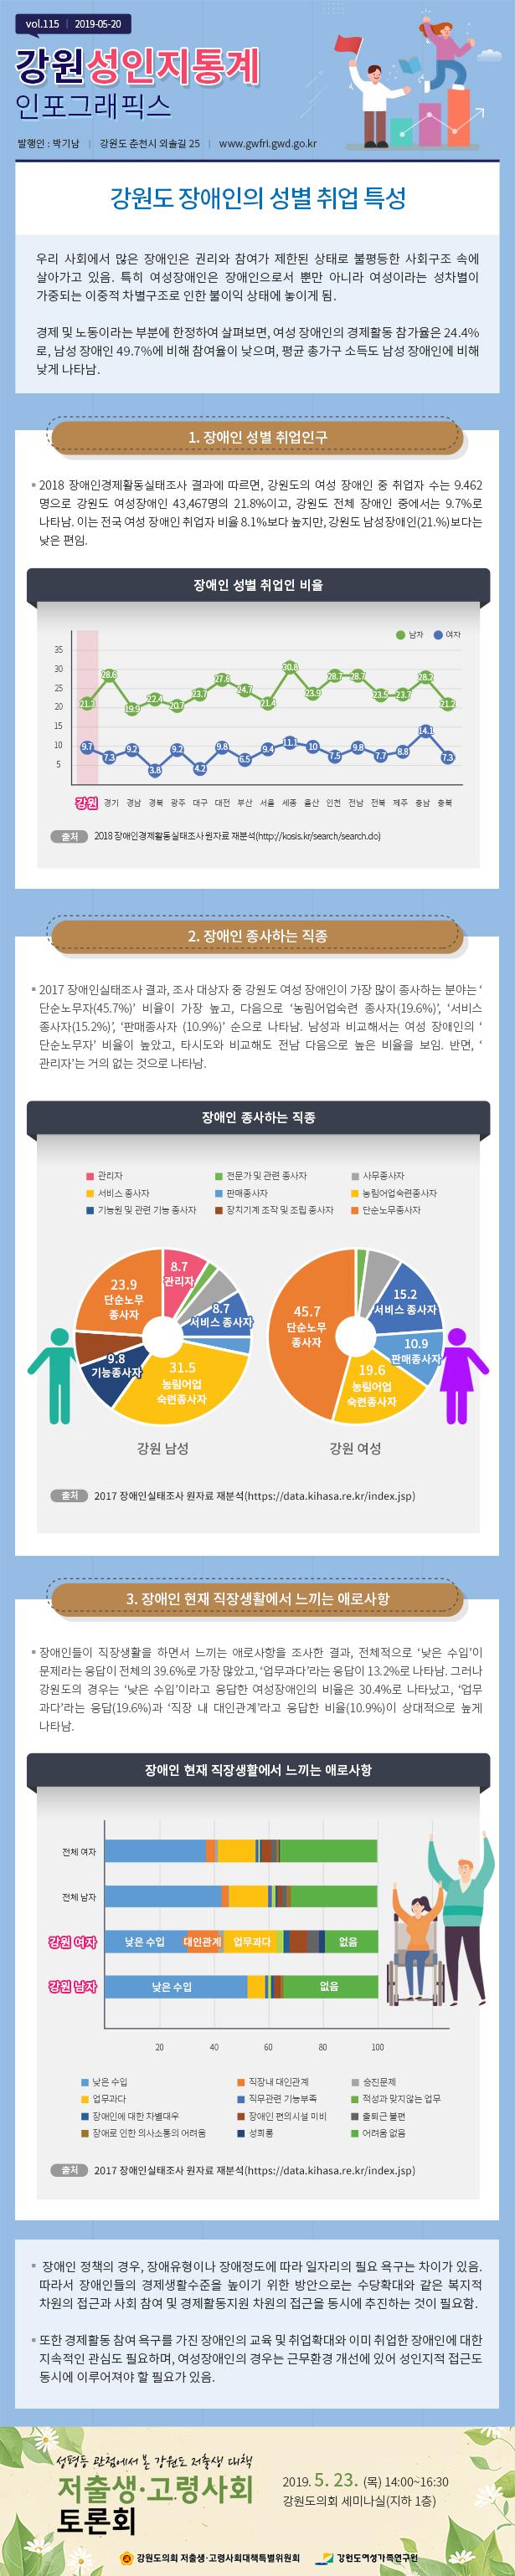 강원도여성가족연구원 성인지통계 vol.115